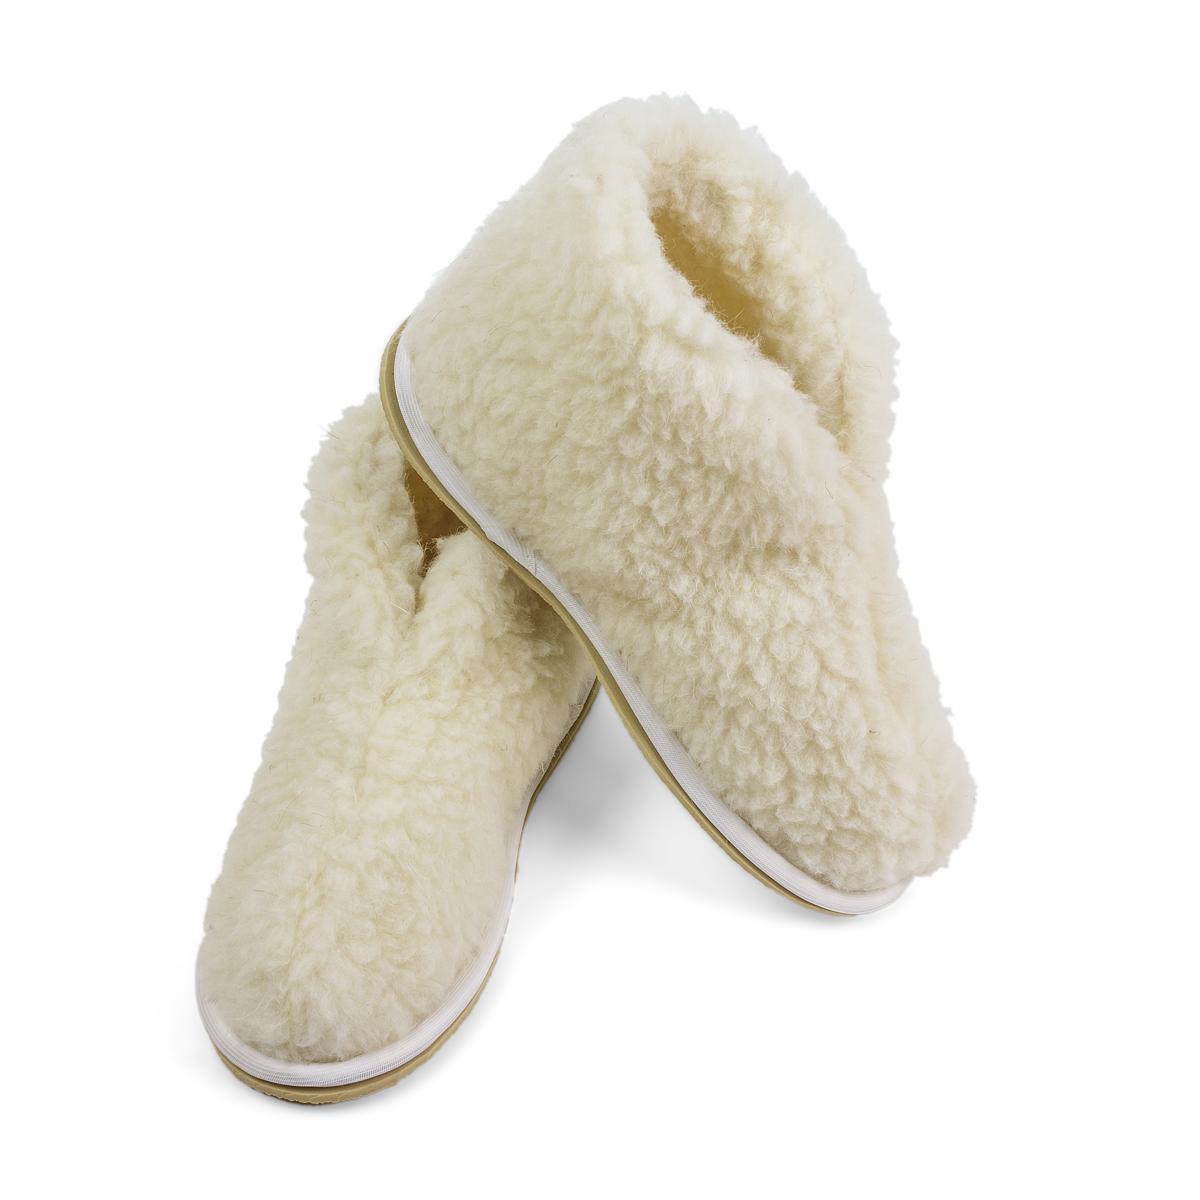 Обувь Бабуши Уют Белый р. 38-39Аксессуары и обувь<br><br><br>Тип: Обувь<br>Размер: 38-39<br>Материал: Овечья шерсть